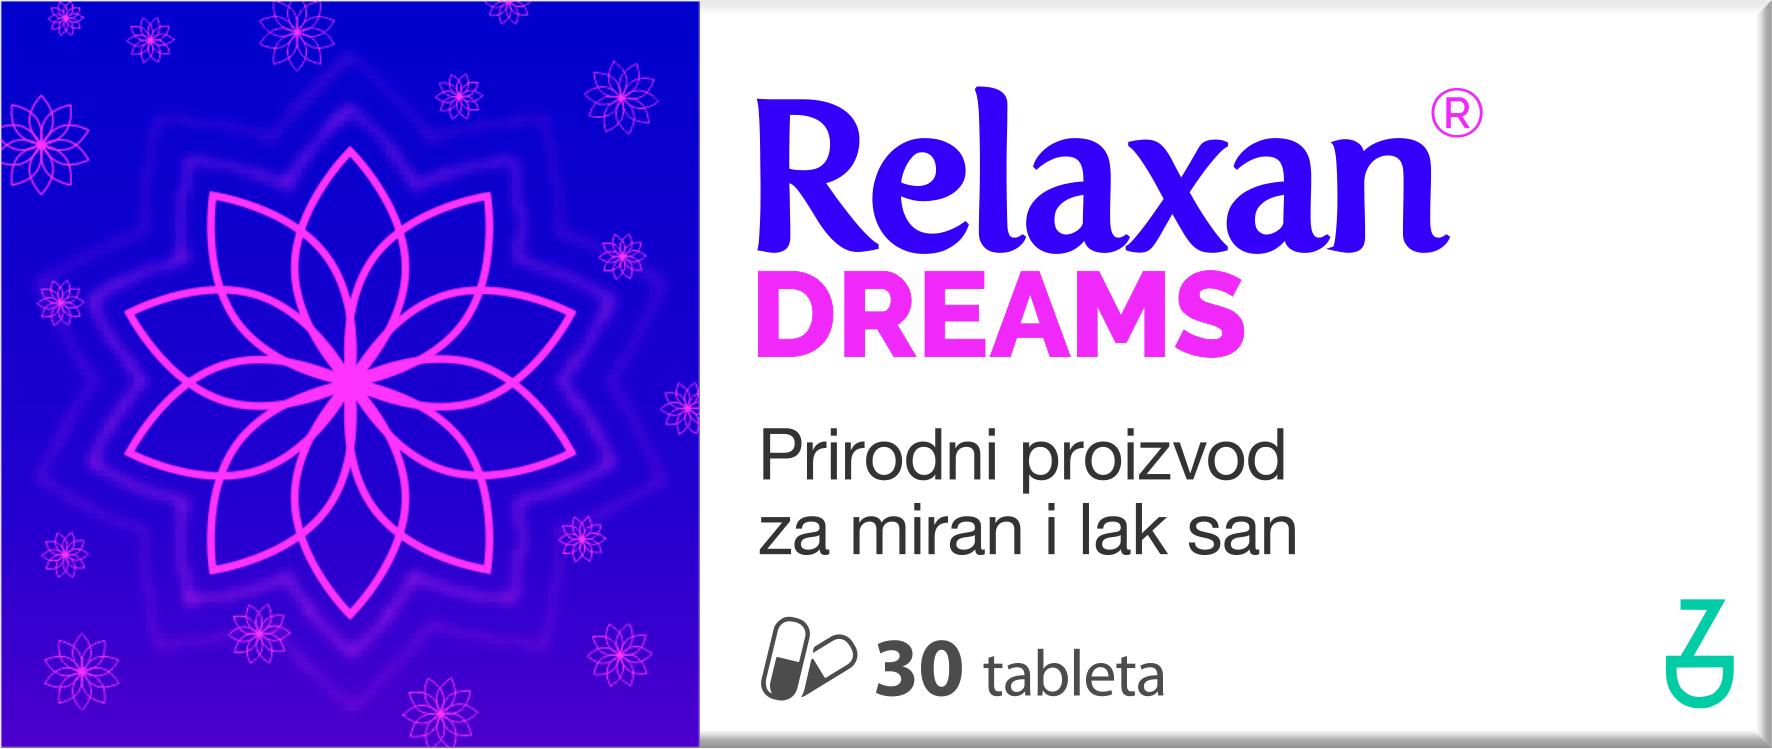 Relaxan dreams 2D